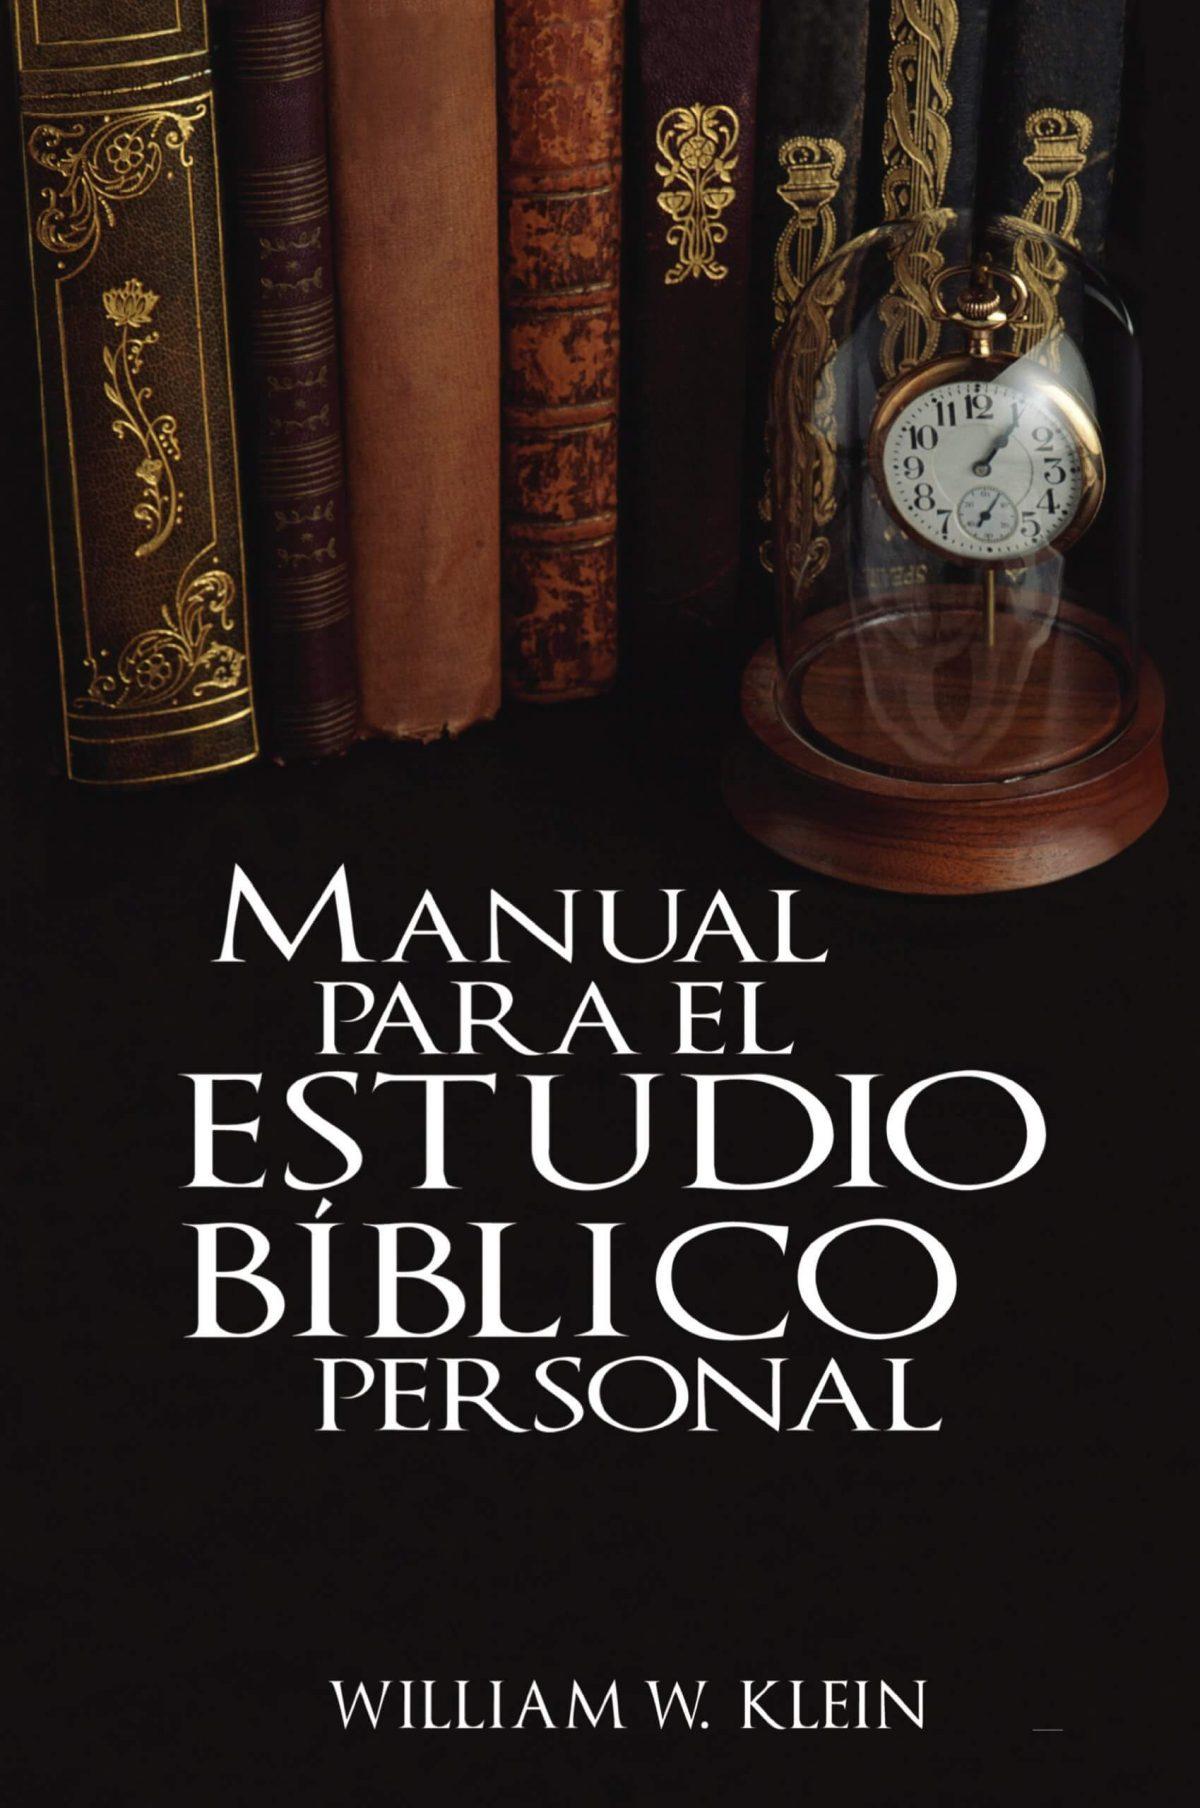 MANUAL PARA EL ESTUDIO BIBLICO PERSONAL